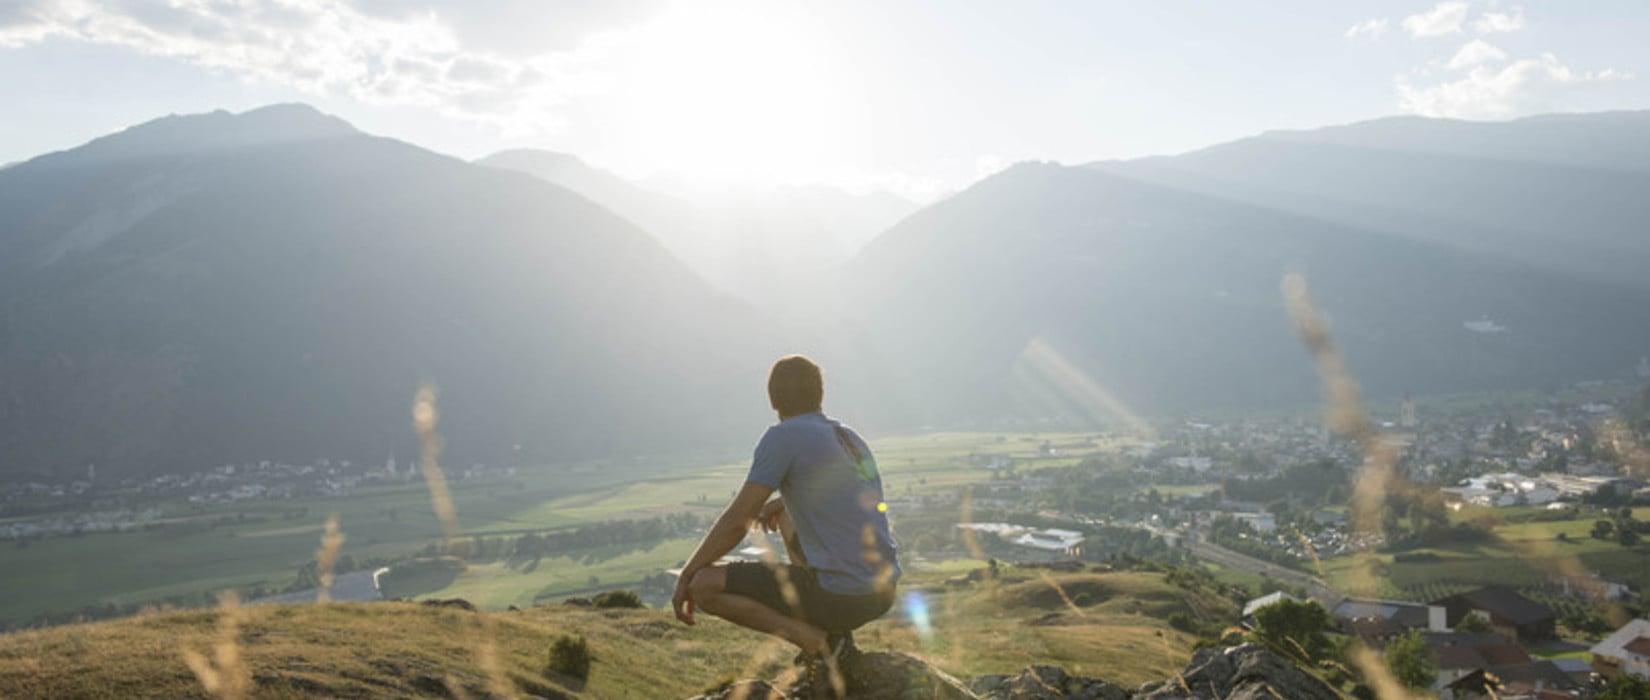 Scoprite con noi l'autunno in Alto Adige in tutti i suoi colori